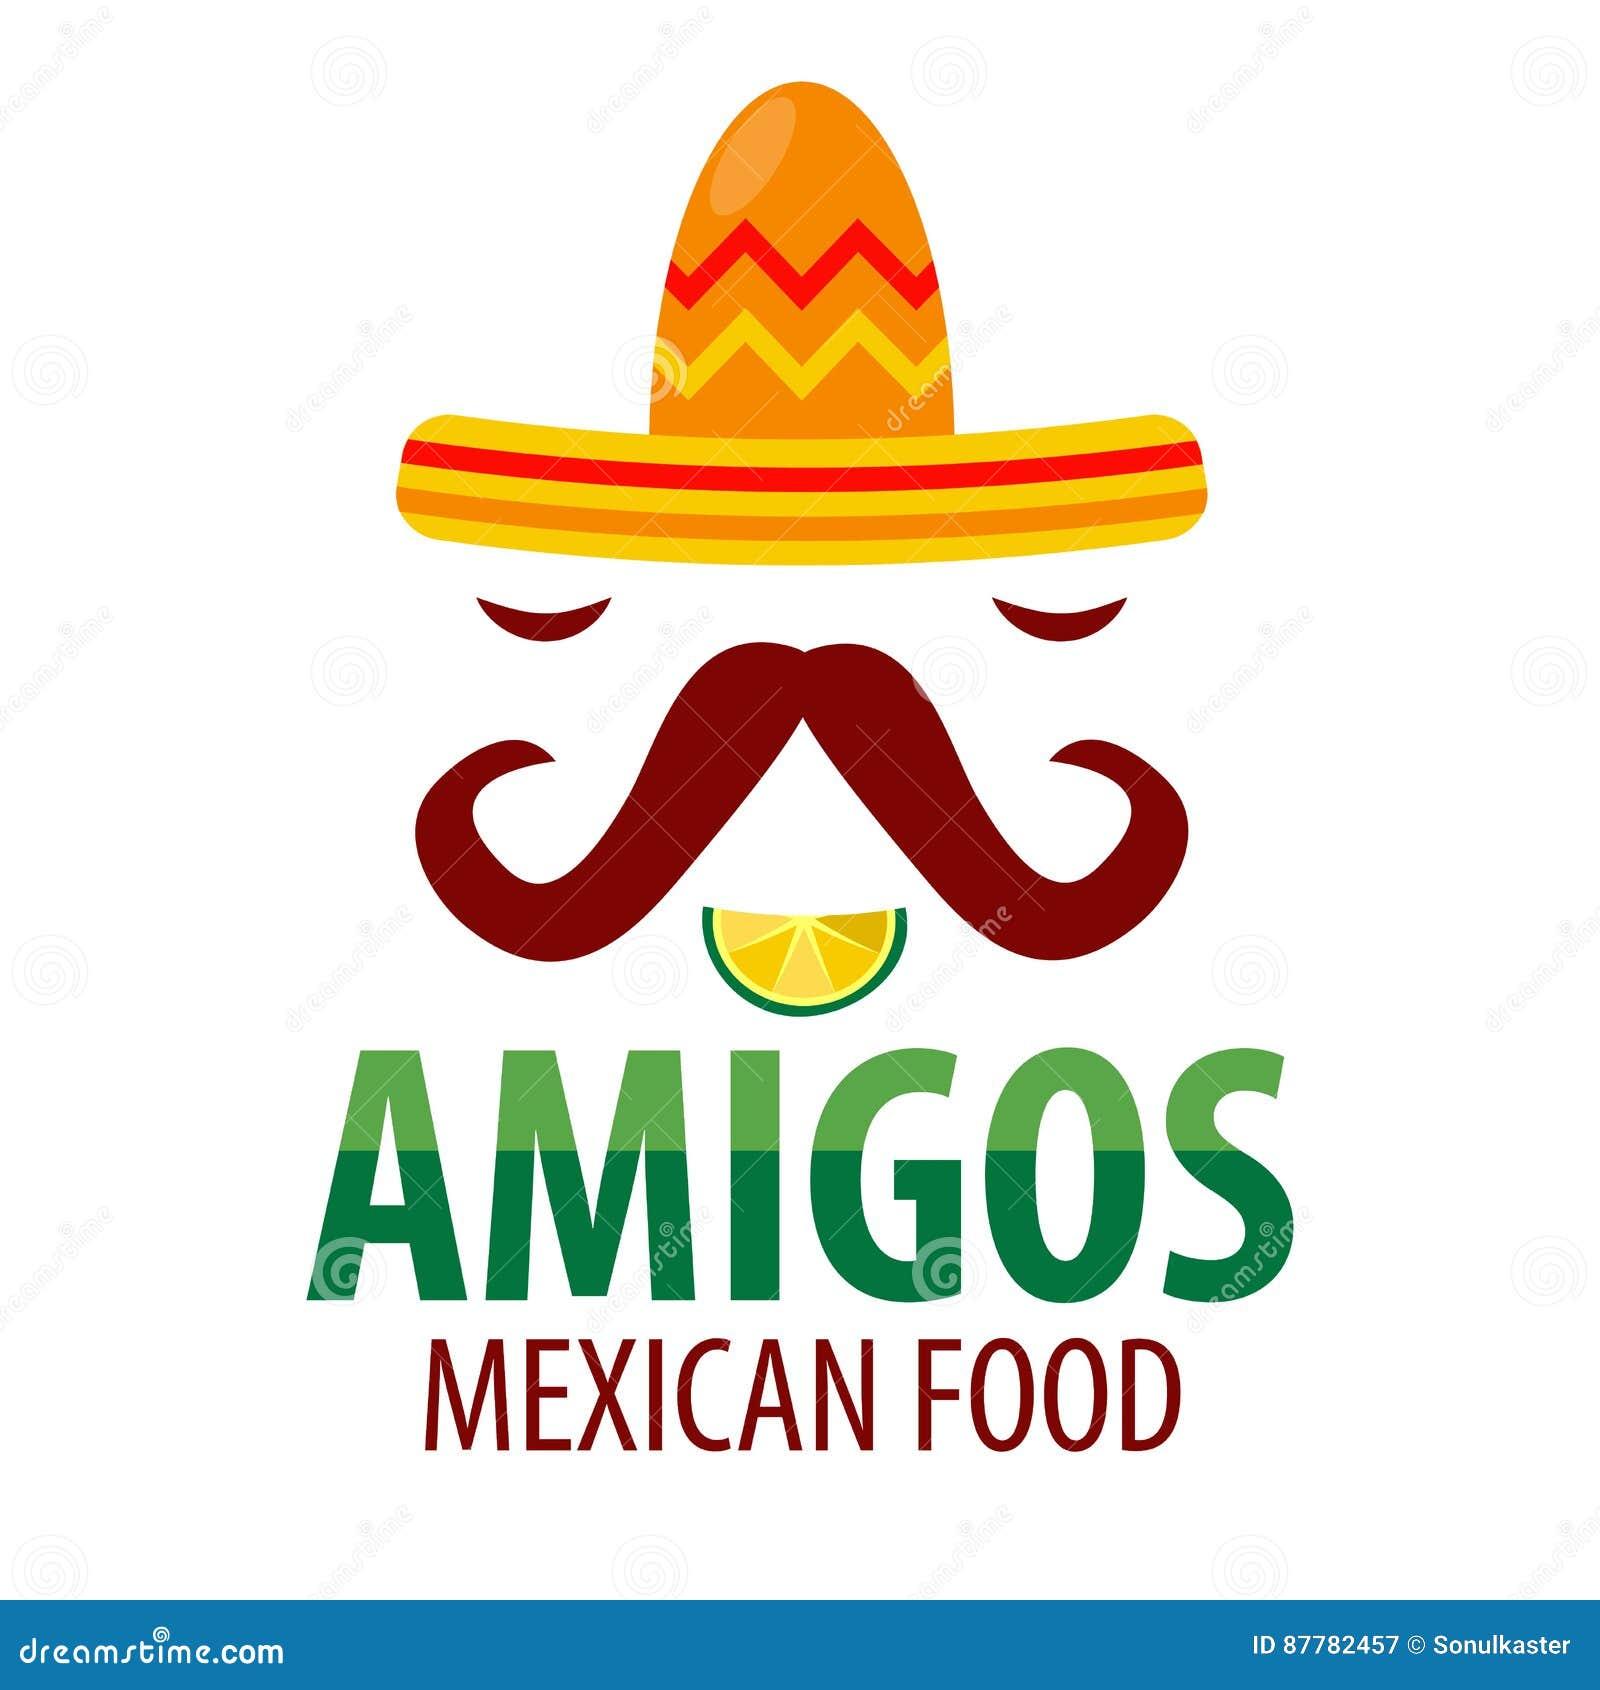 964500dae70e6 La plantilla mexicana del logotipo de los amigos del restaurante del  sombrero del sombrero con los bigotes